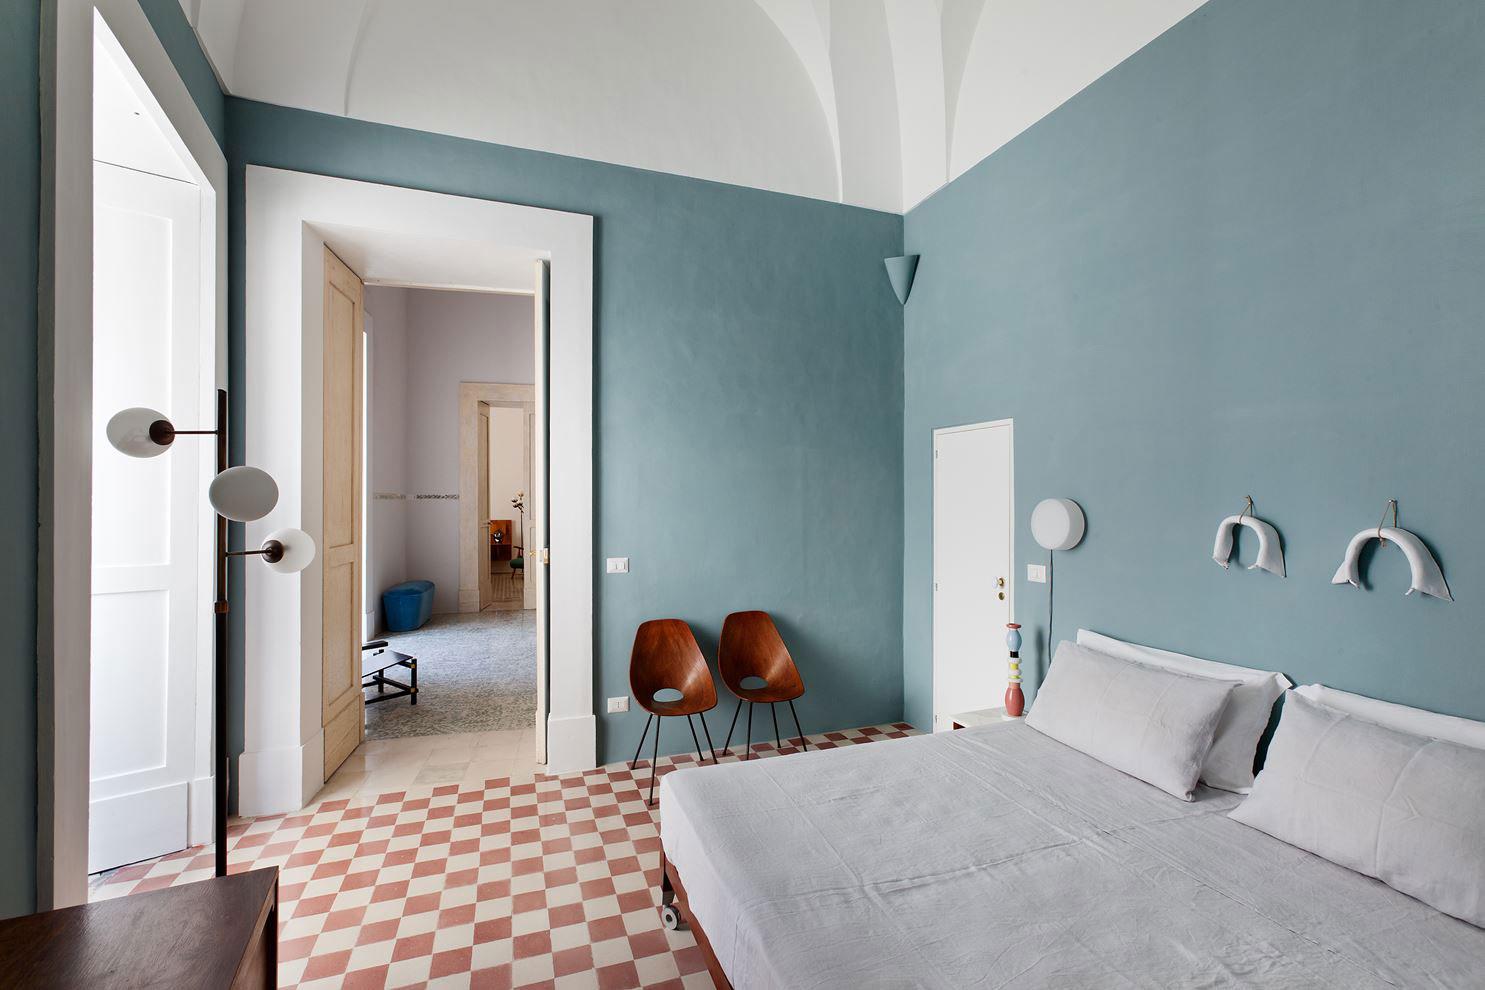 Airbnb-Pizzini_Scolari_04